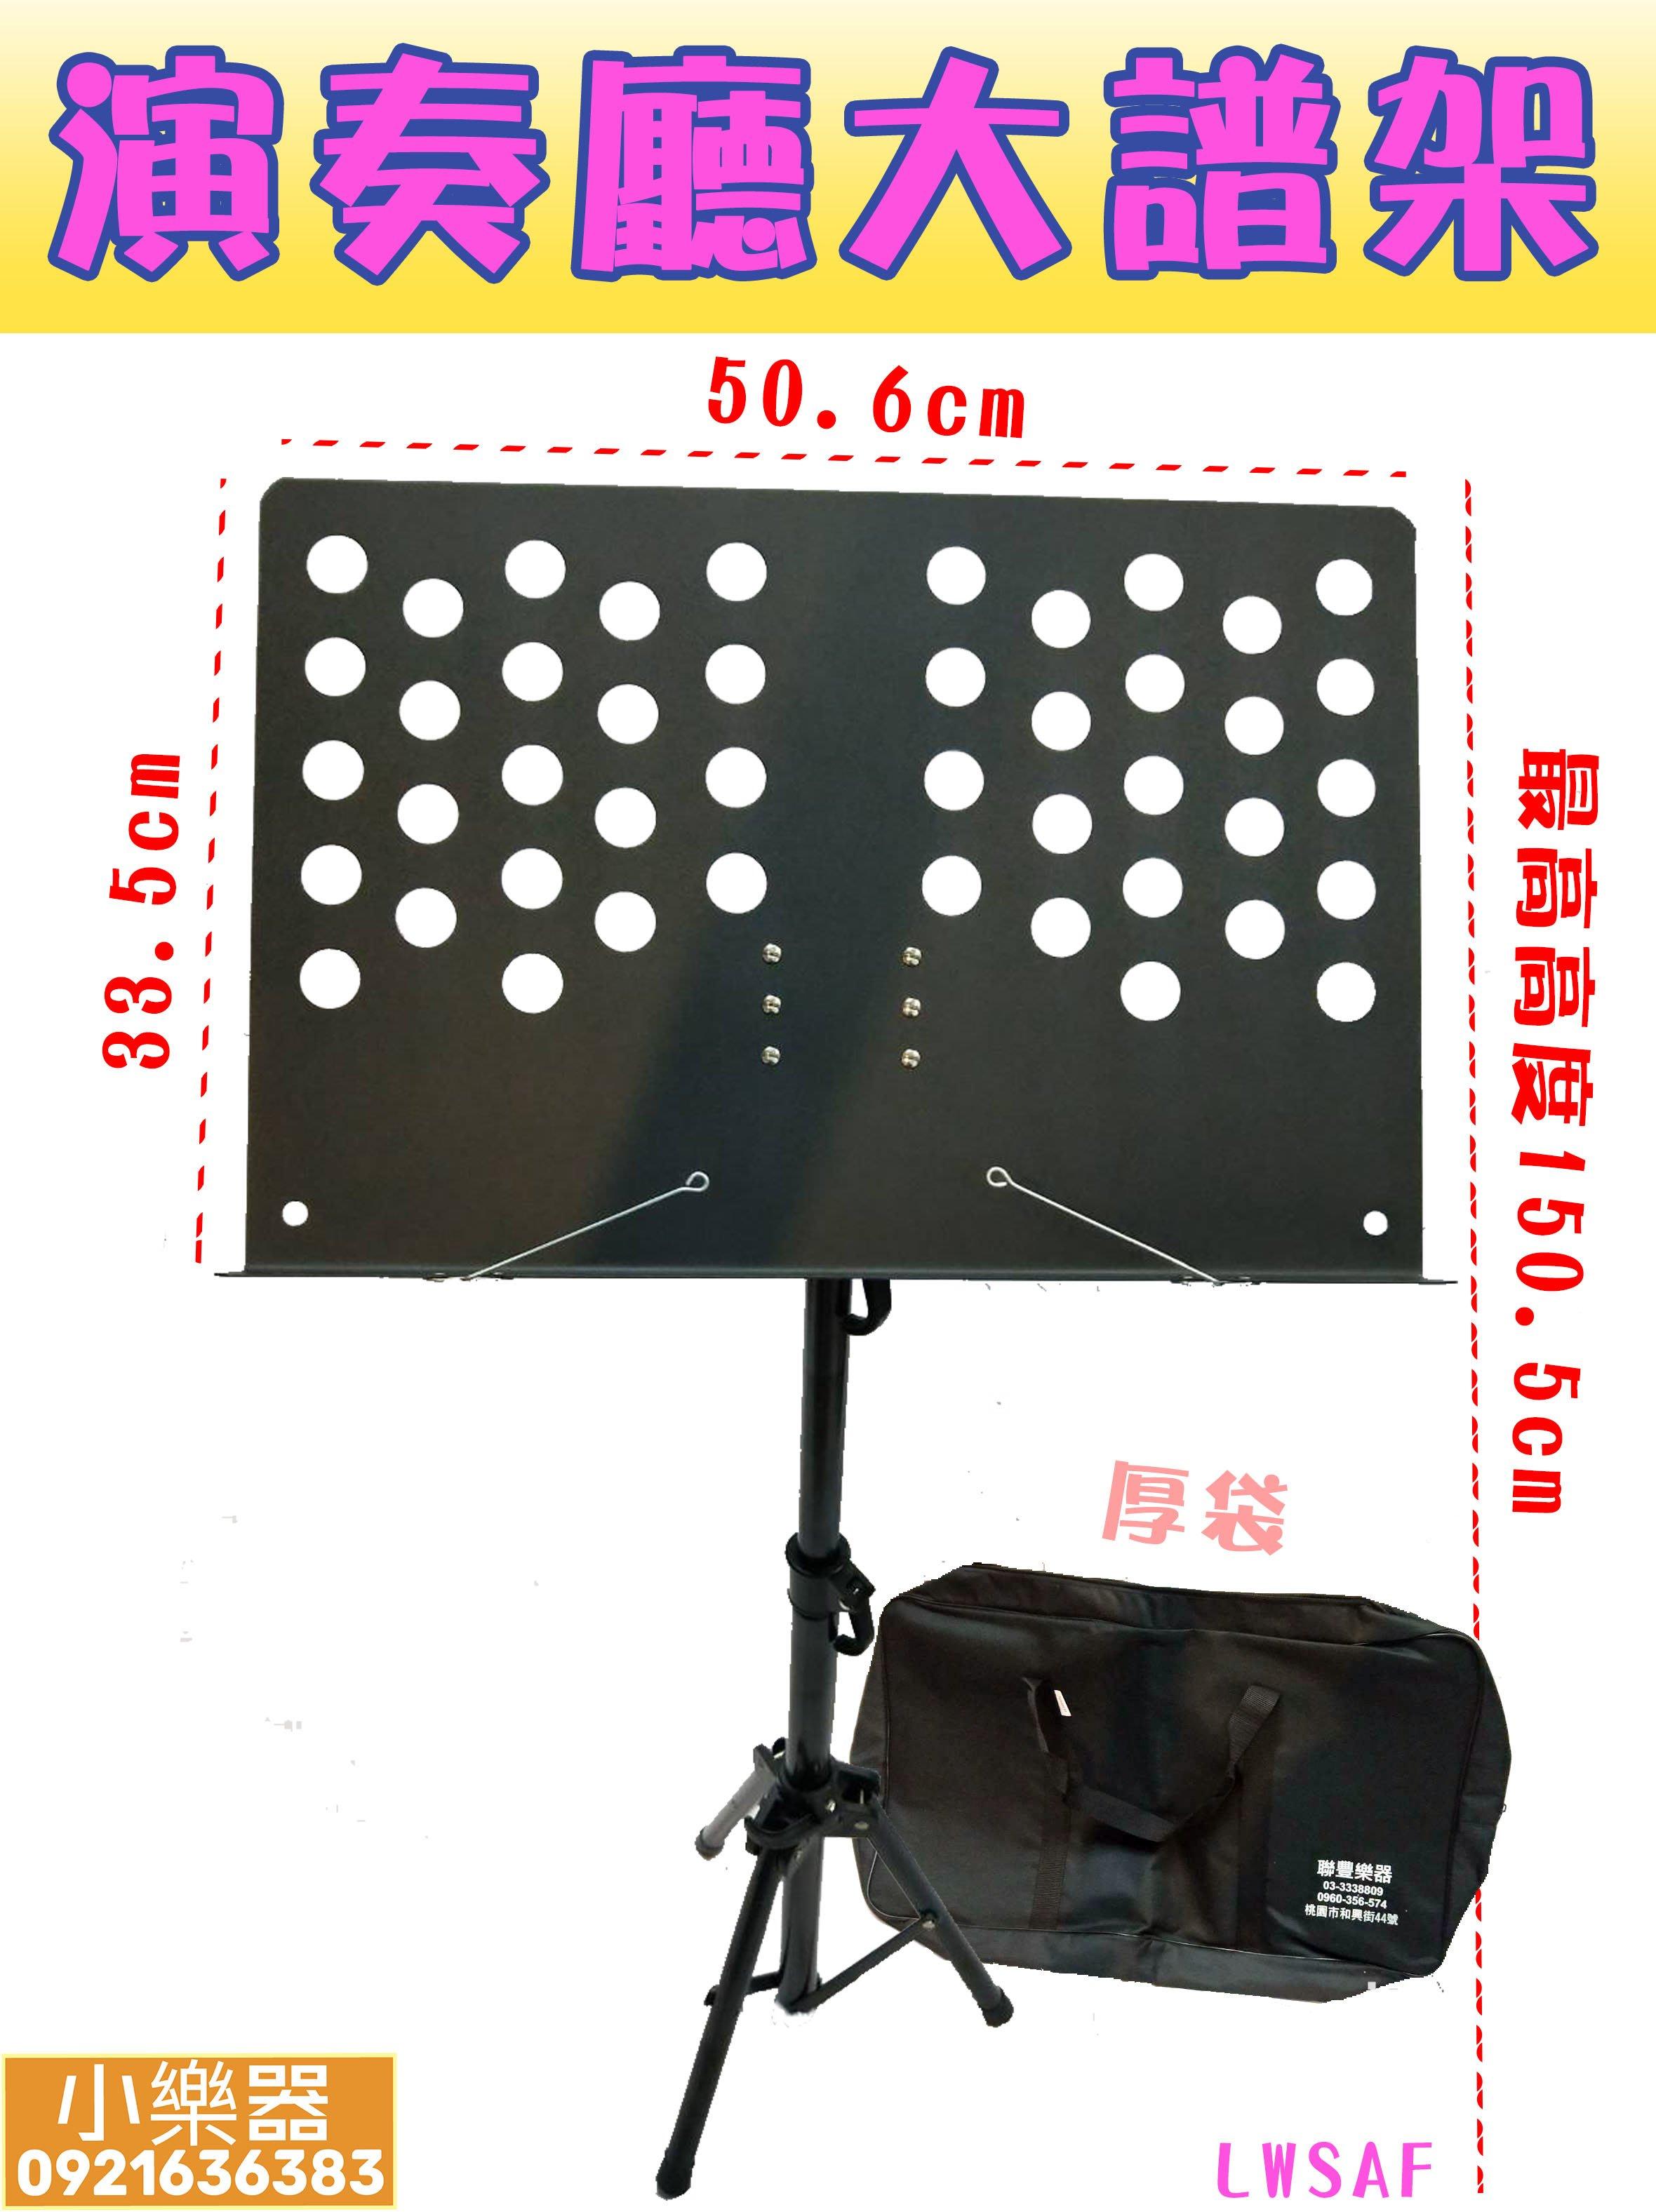 【 小樂器 】演奏廳大譜架/折扣式譜架/大譜架 含收納袋(厚) 賣場